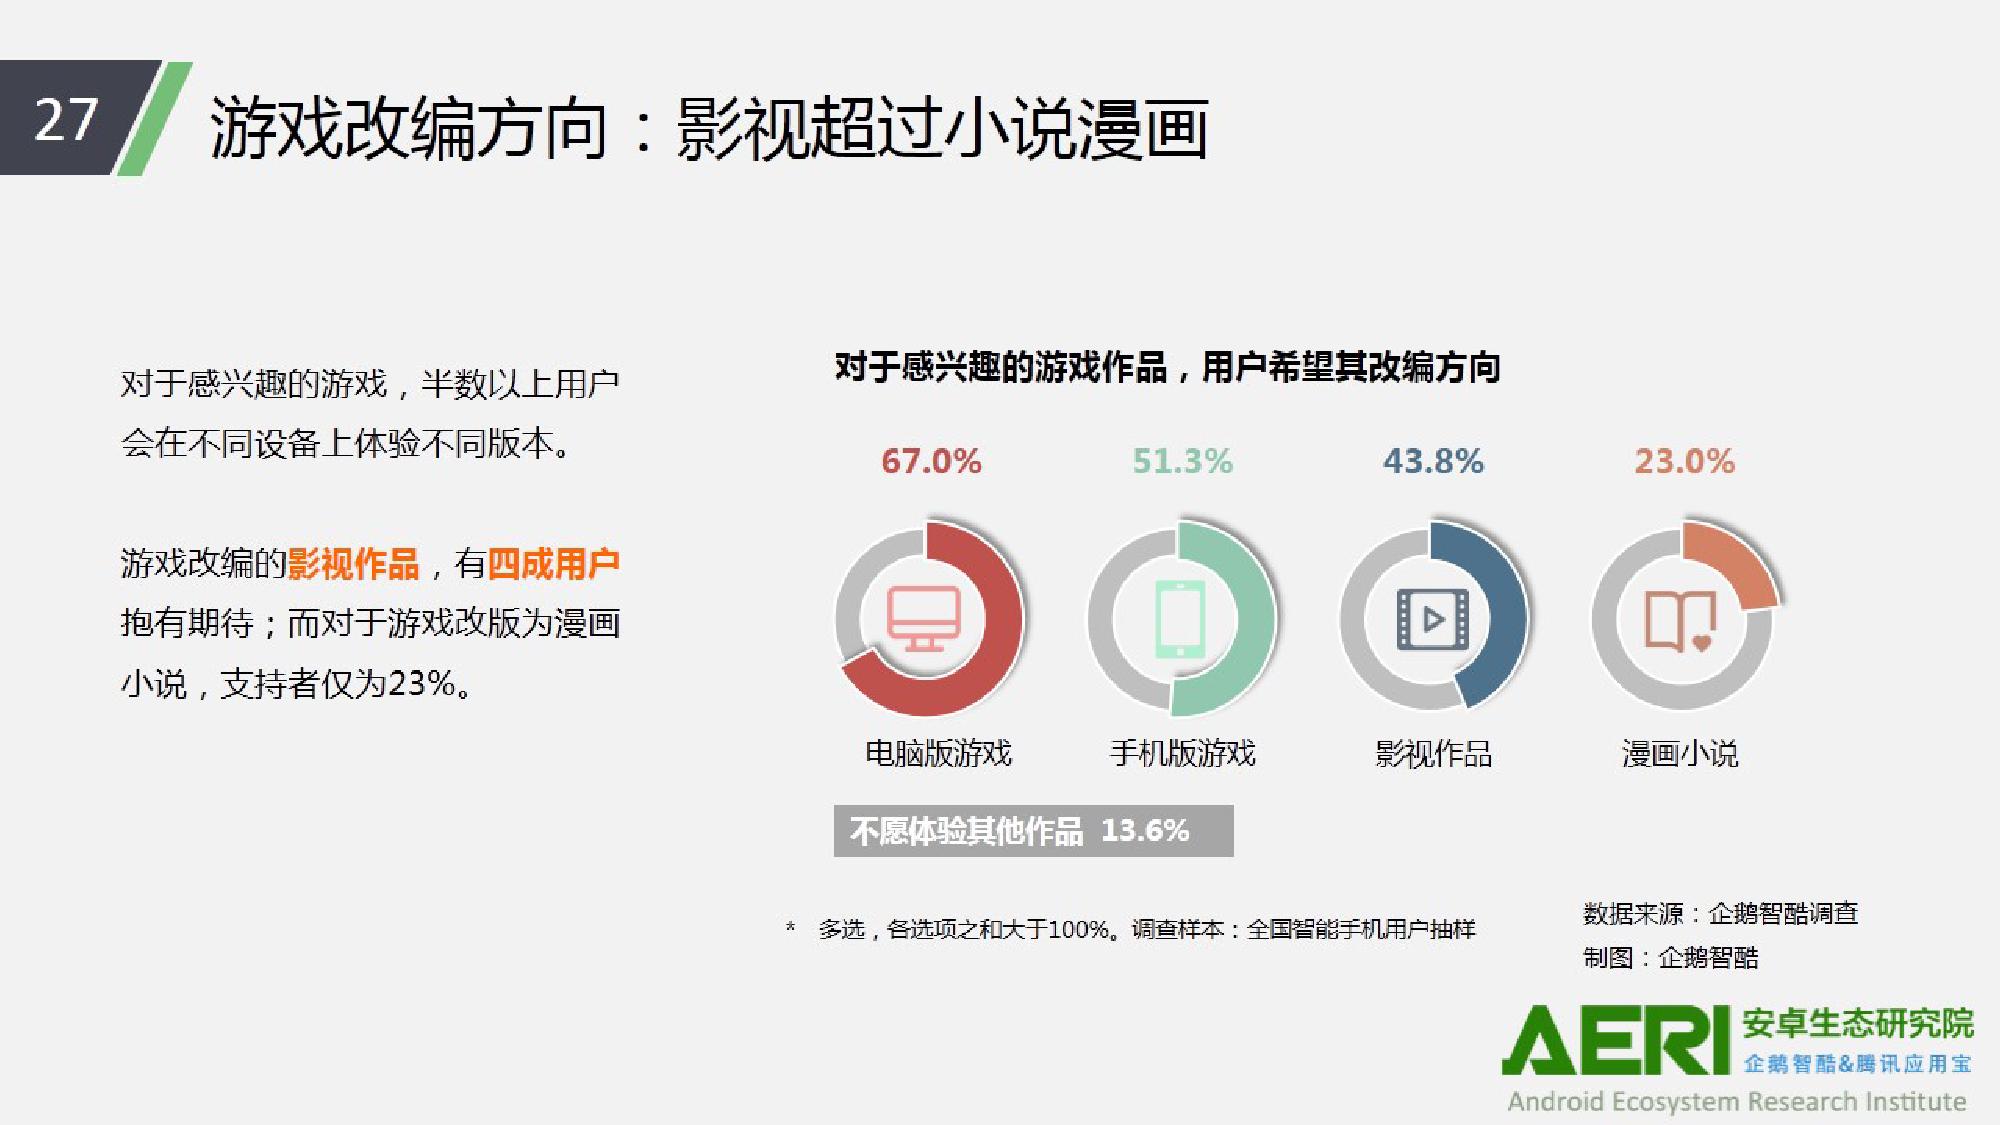 中国手游行业2016大数据报告_000028